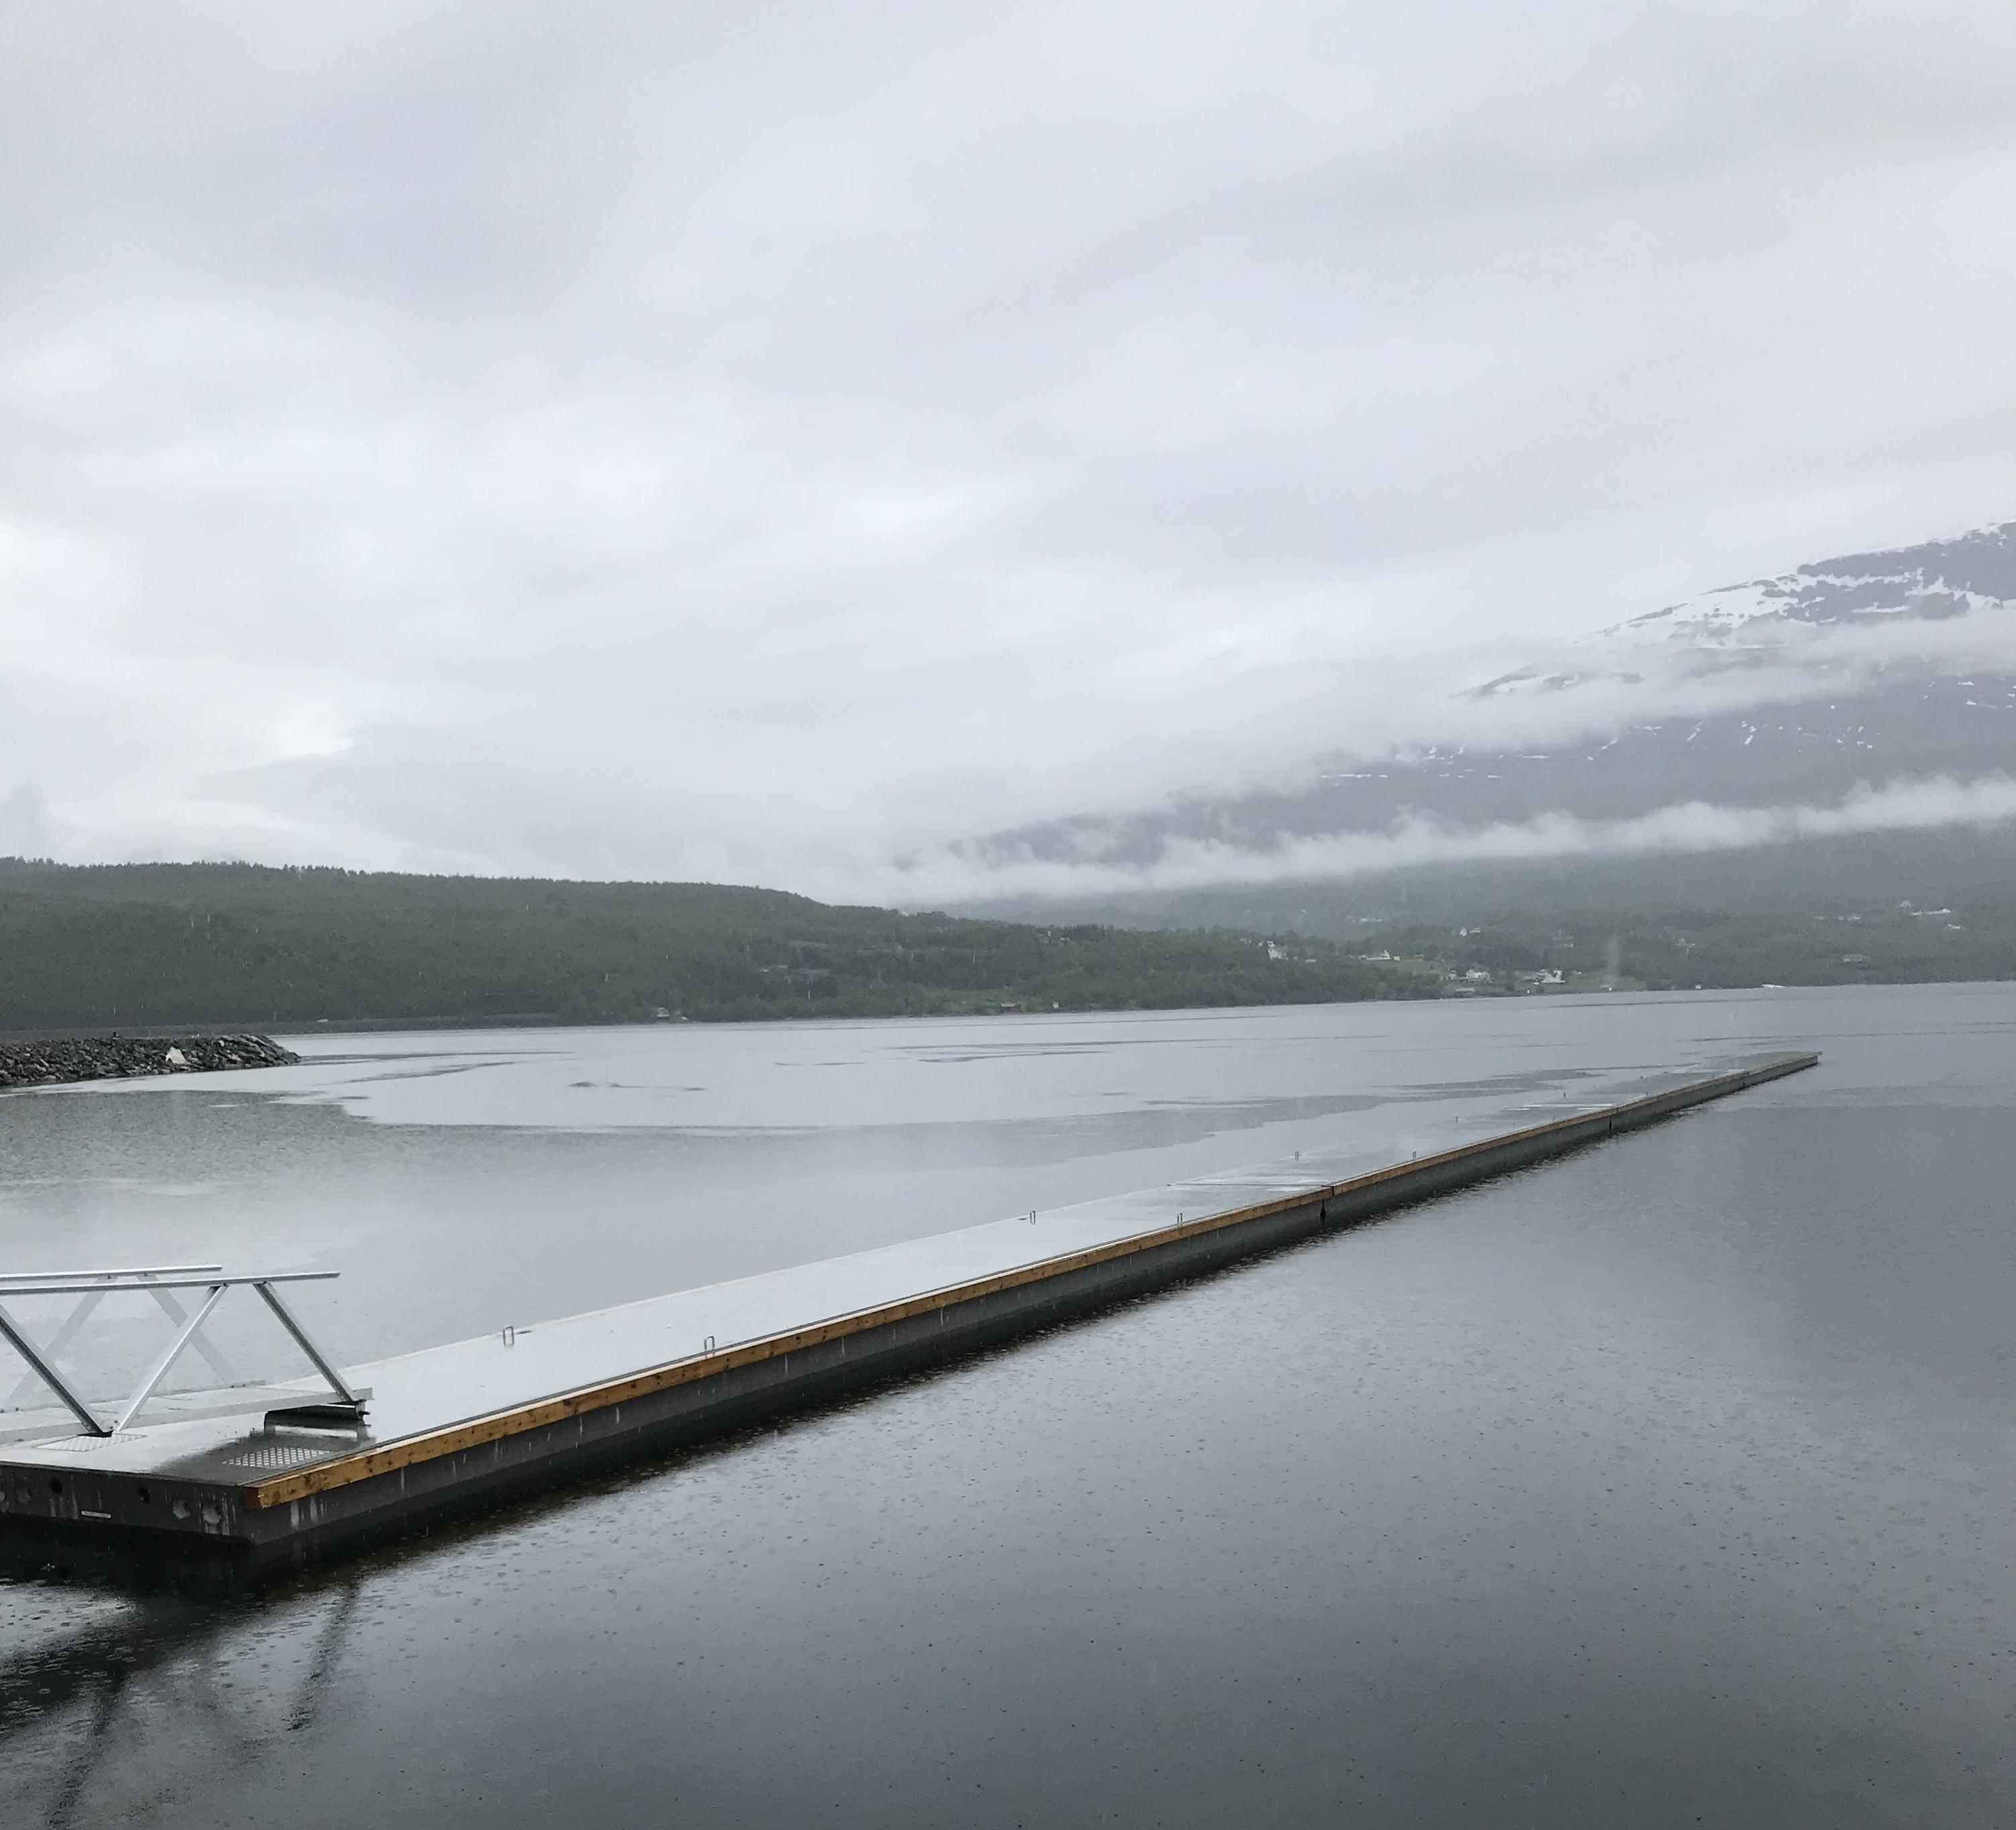 https://marinasolutions.no/uploads/Millionfisken-Sjøvegan-Troms-Marina-Solutions-3.jpg